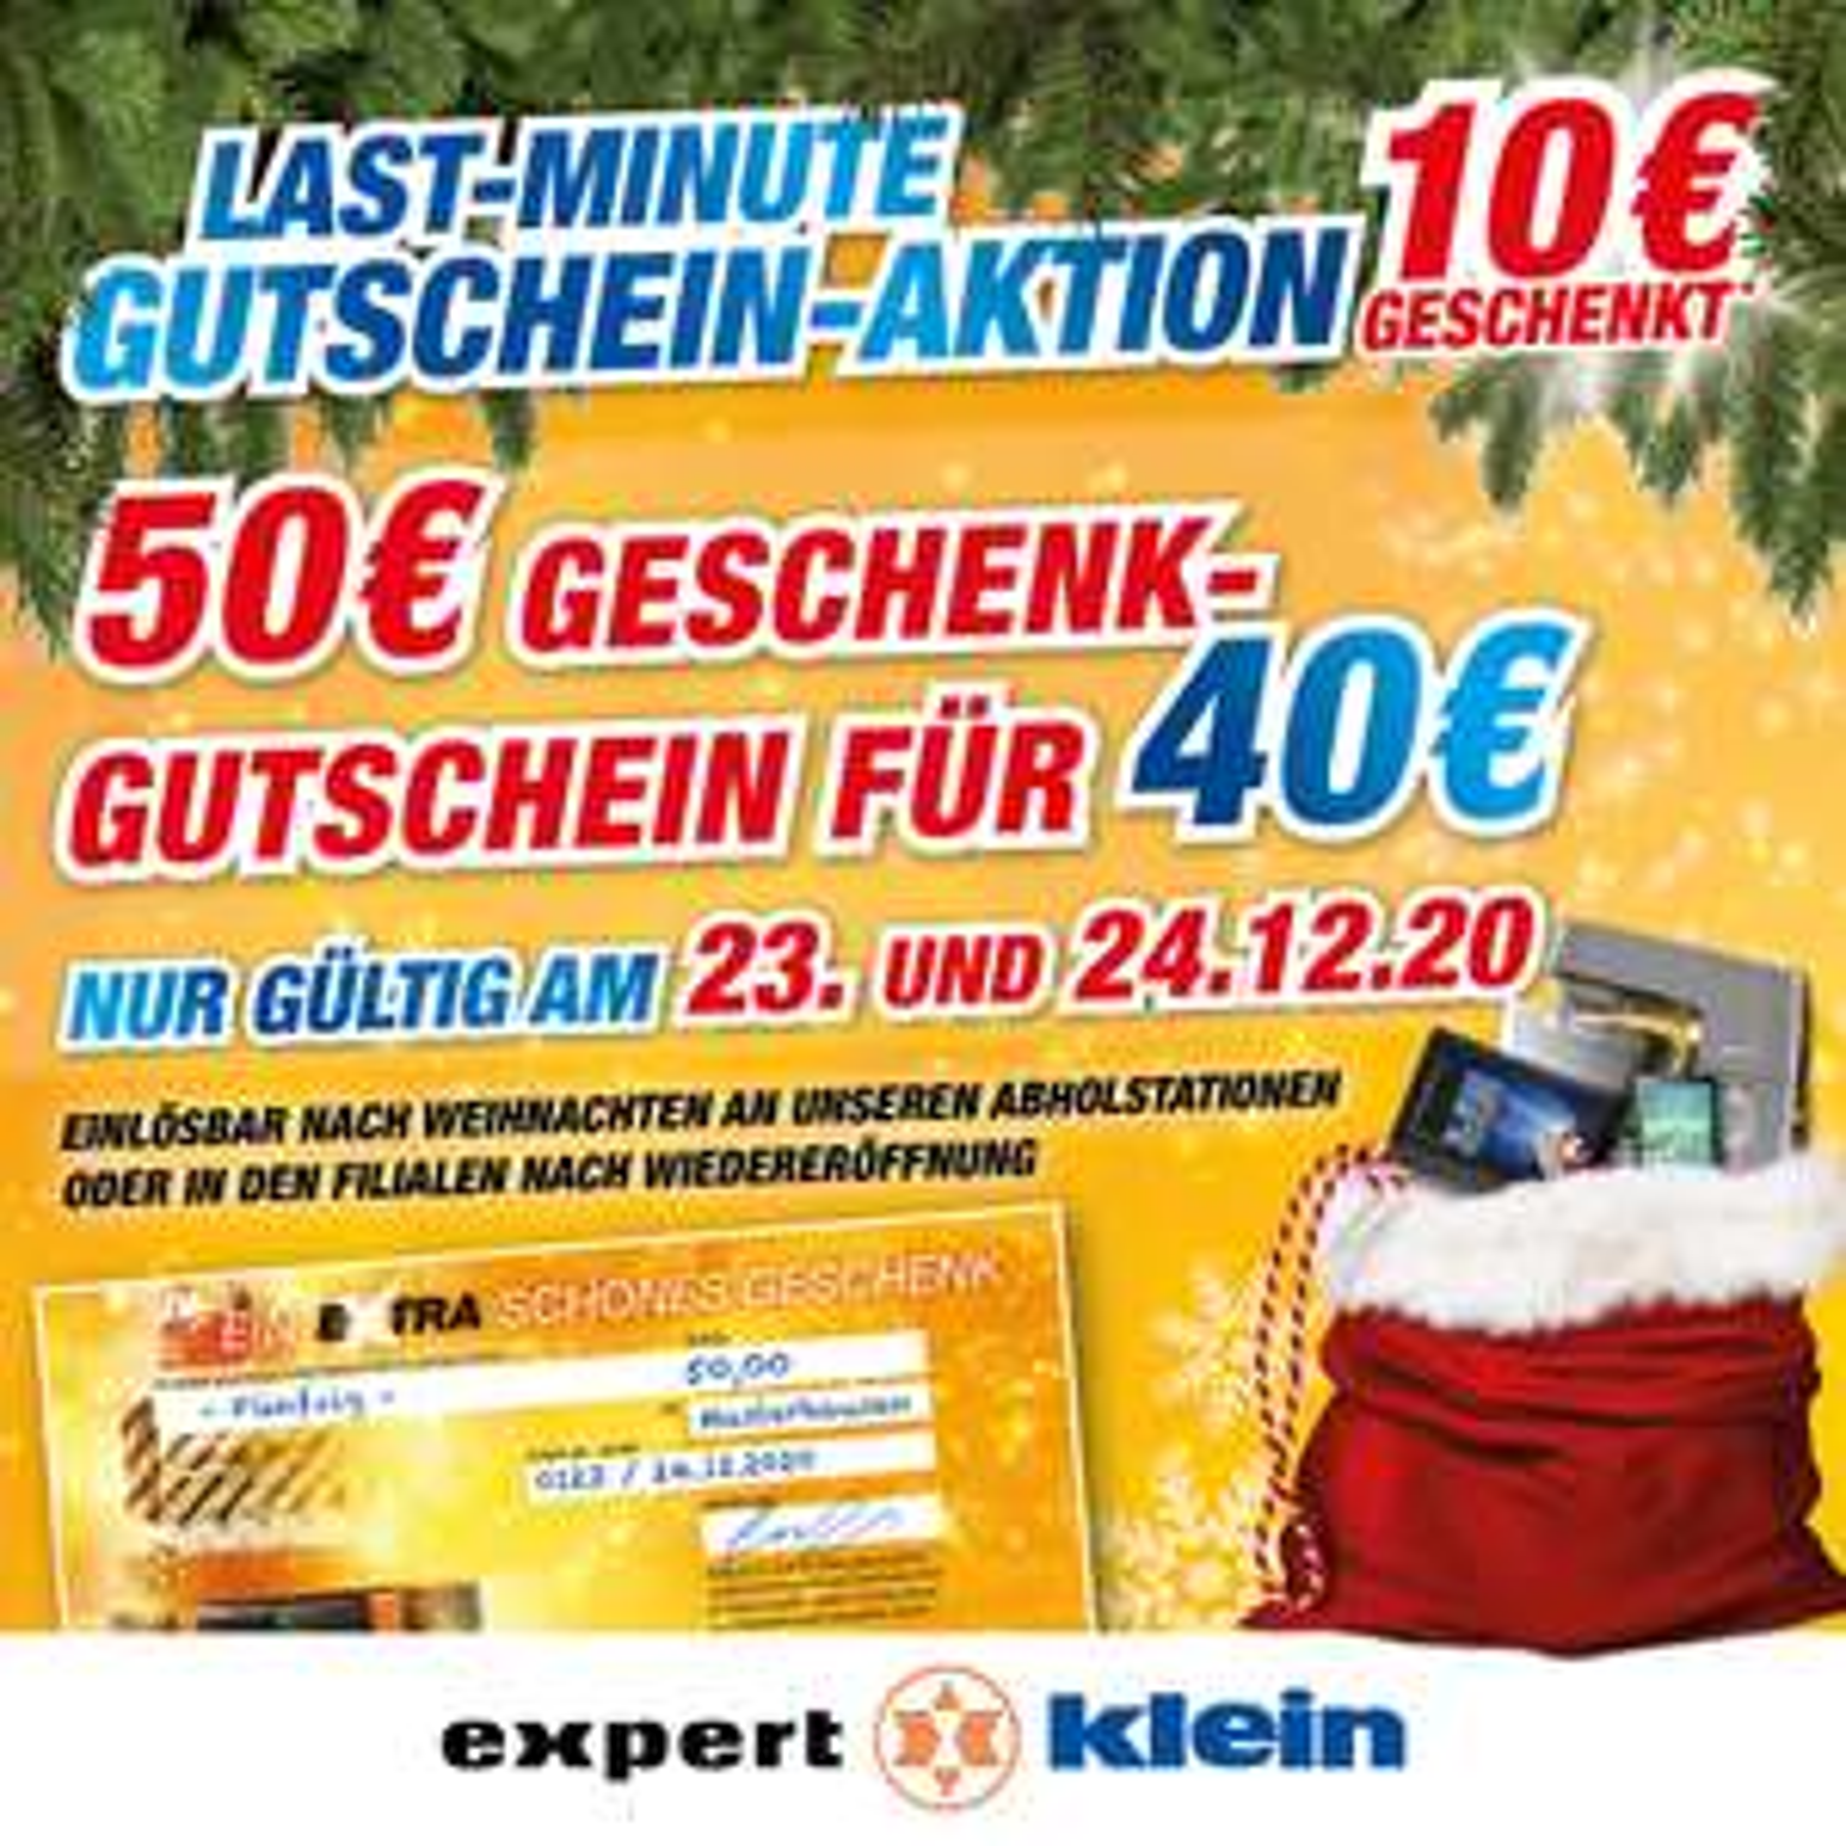 Expert Klein Gutschein Aktion 50 Euro für 40 Euro